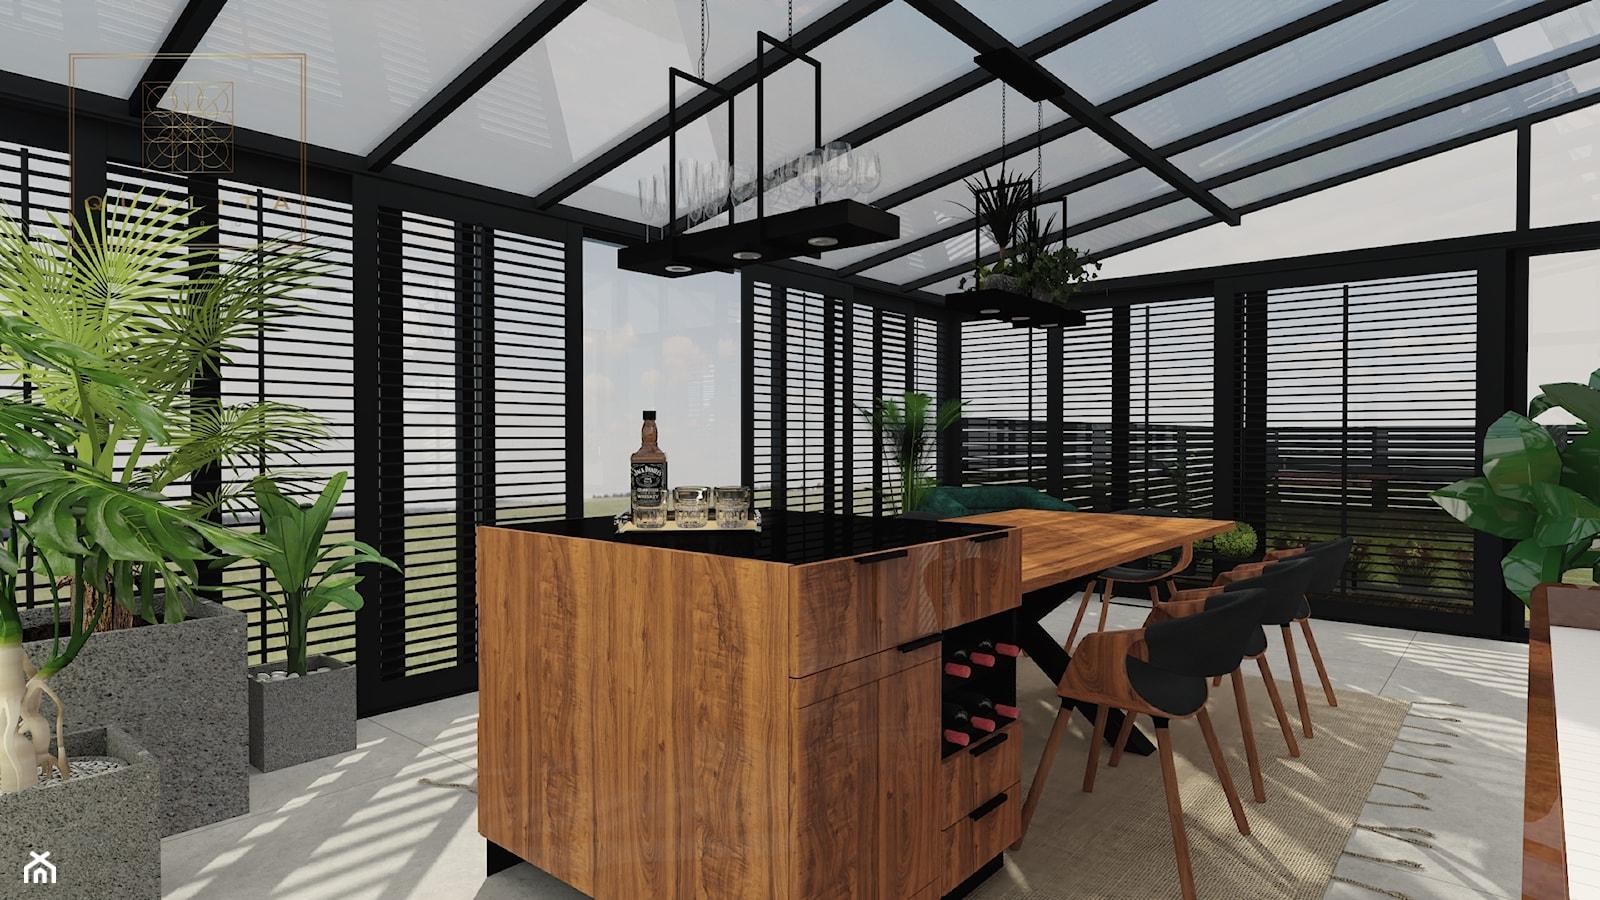 Ogród zimowy - salon połączony z ogrodem zimowym - zdjęcie od Qualita Interno - Homebook